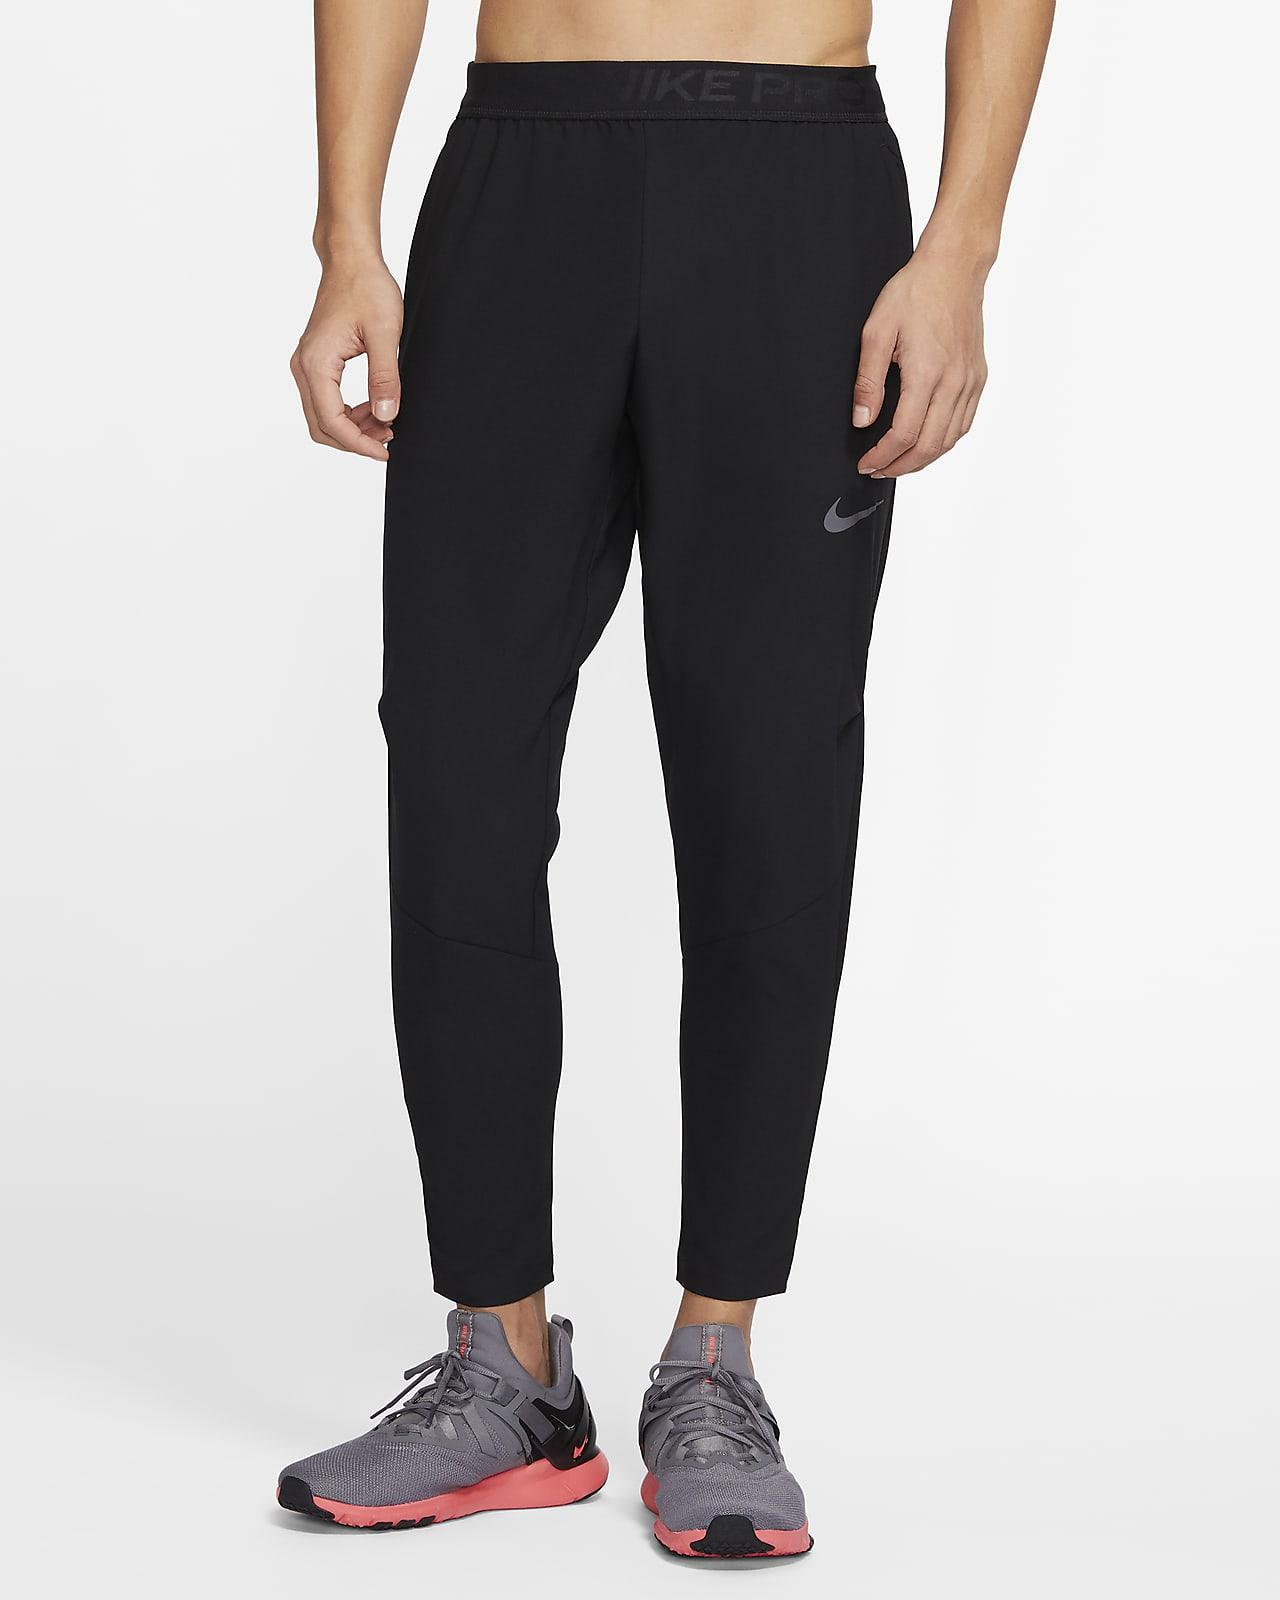 Nike Pro Dri-FIT Men's Trousers